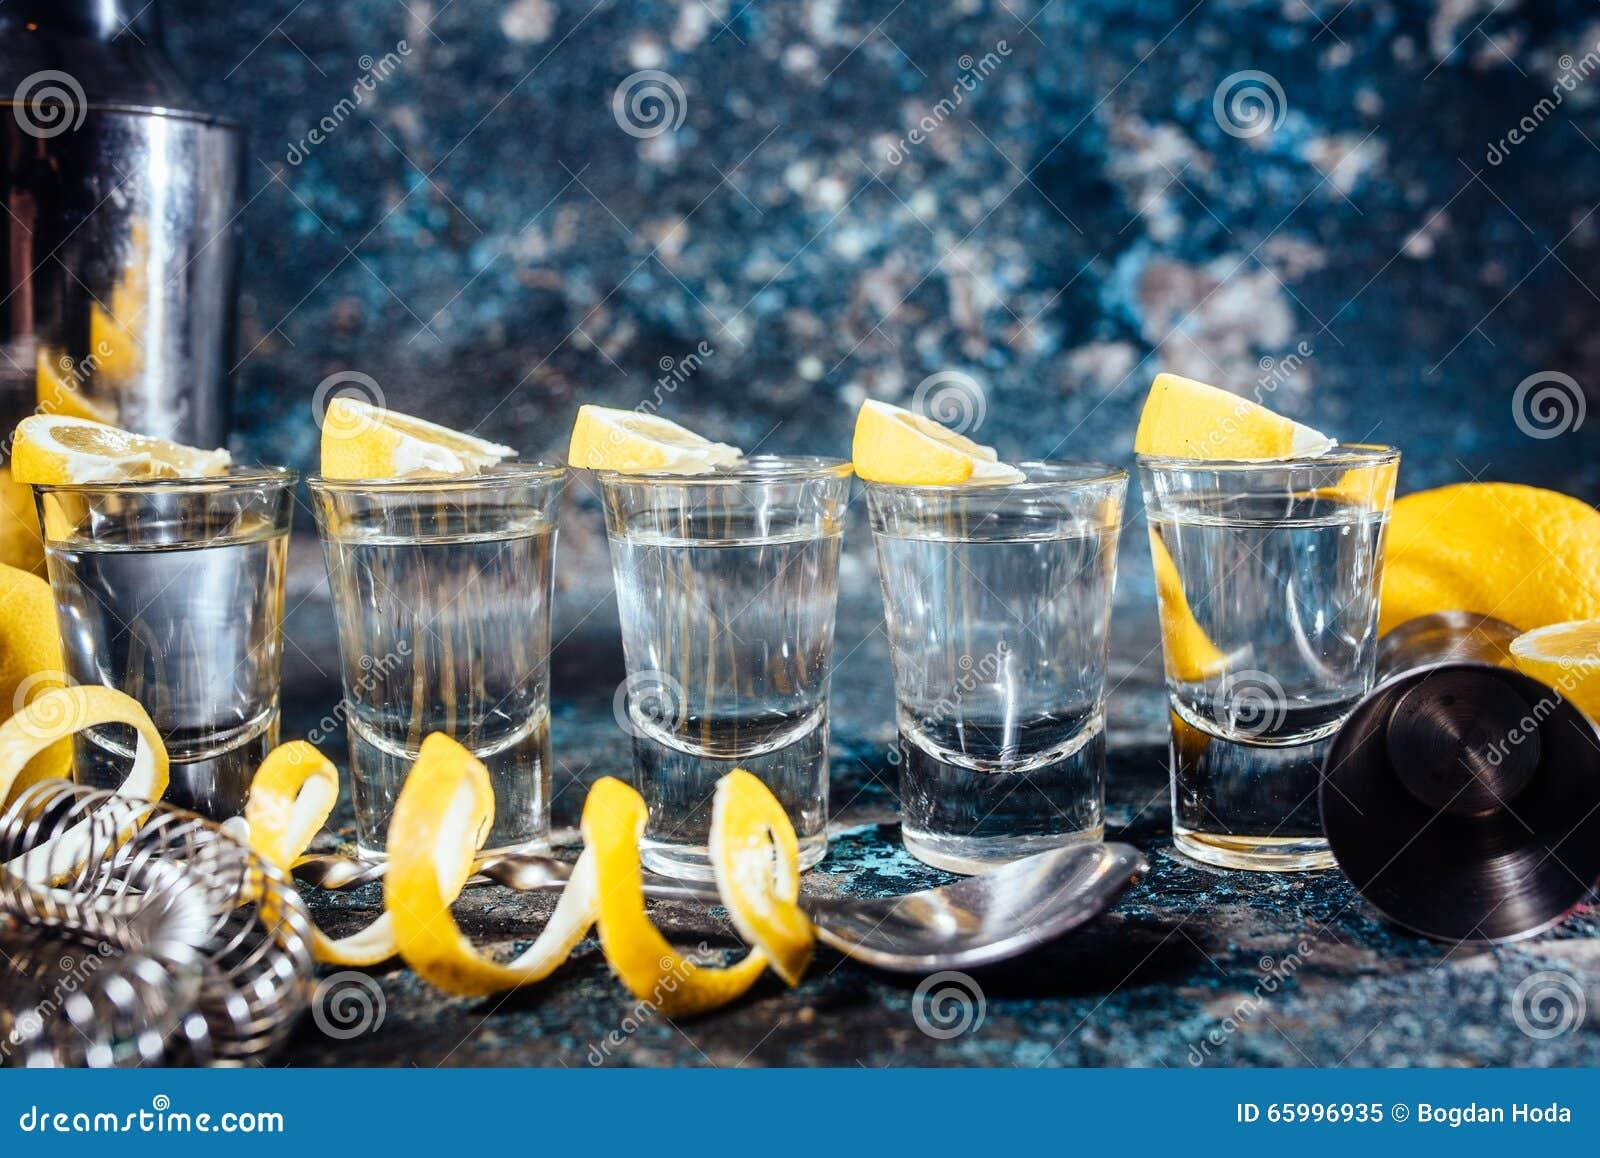 Tequilaschüsse Mit Zitronenscheiben Und Cocktaildetails Alkoholische ...